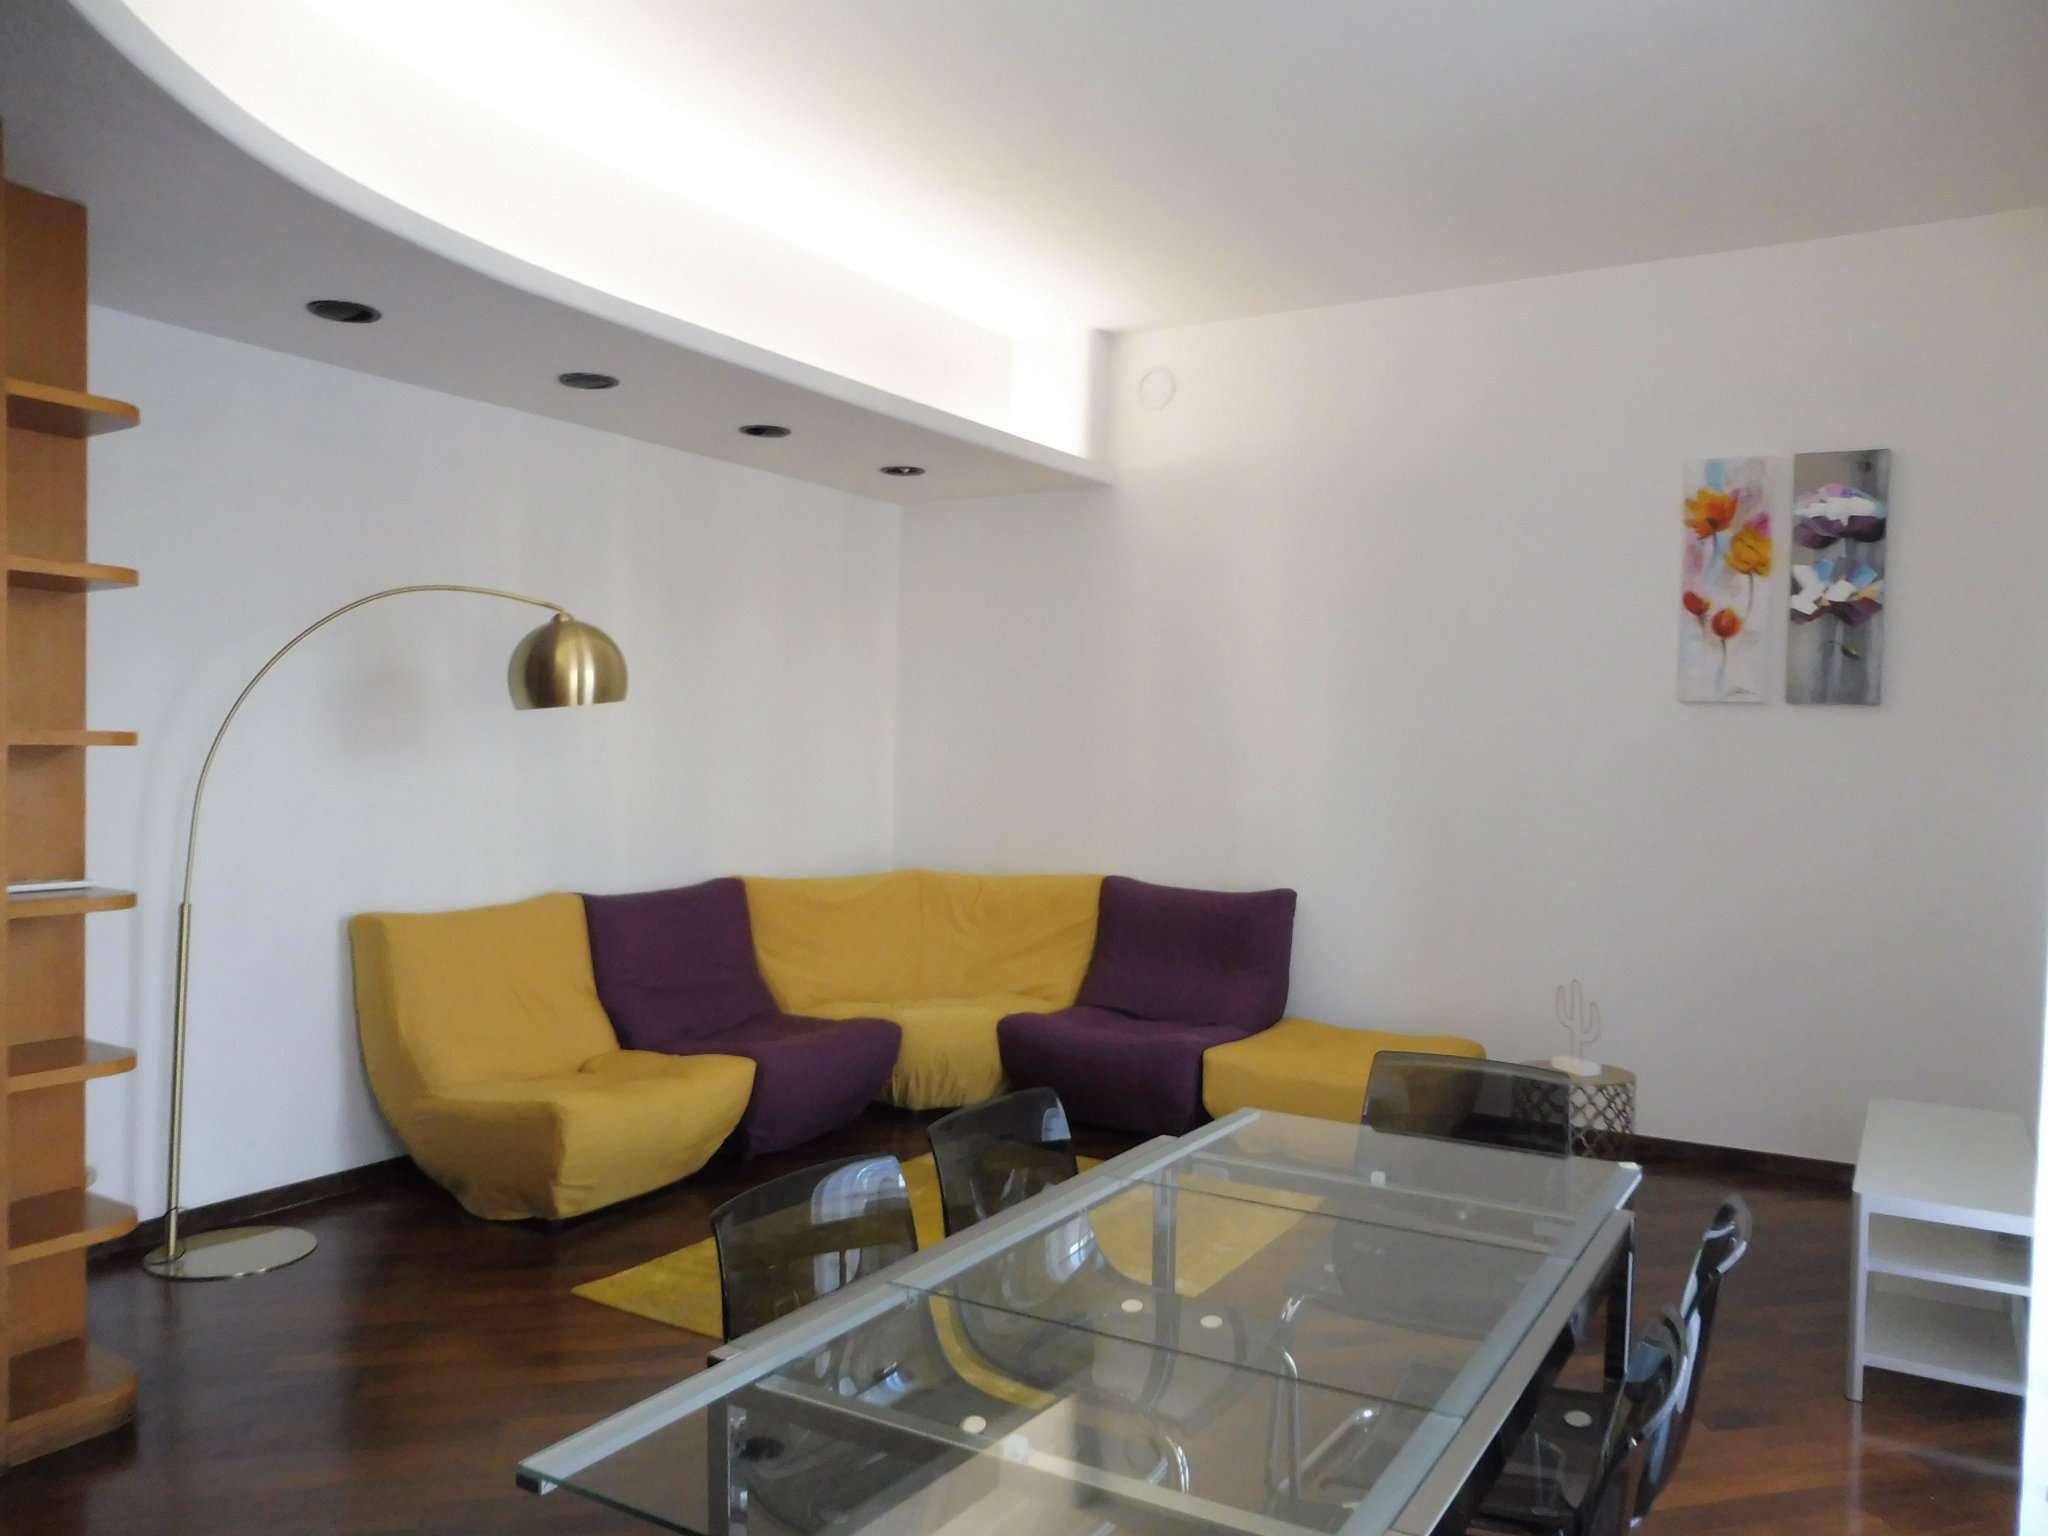 Foto 1 di Quadrilocale via Saluzzo, Torino (zona San Salvario)